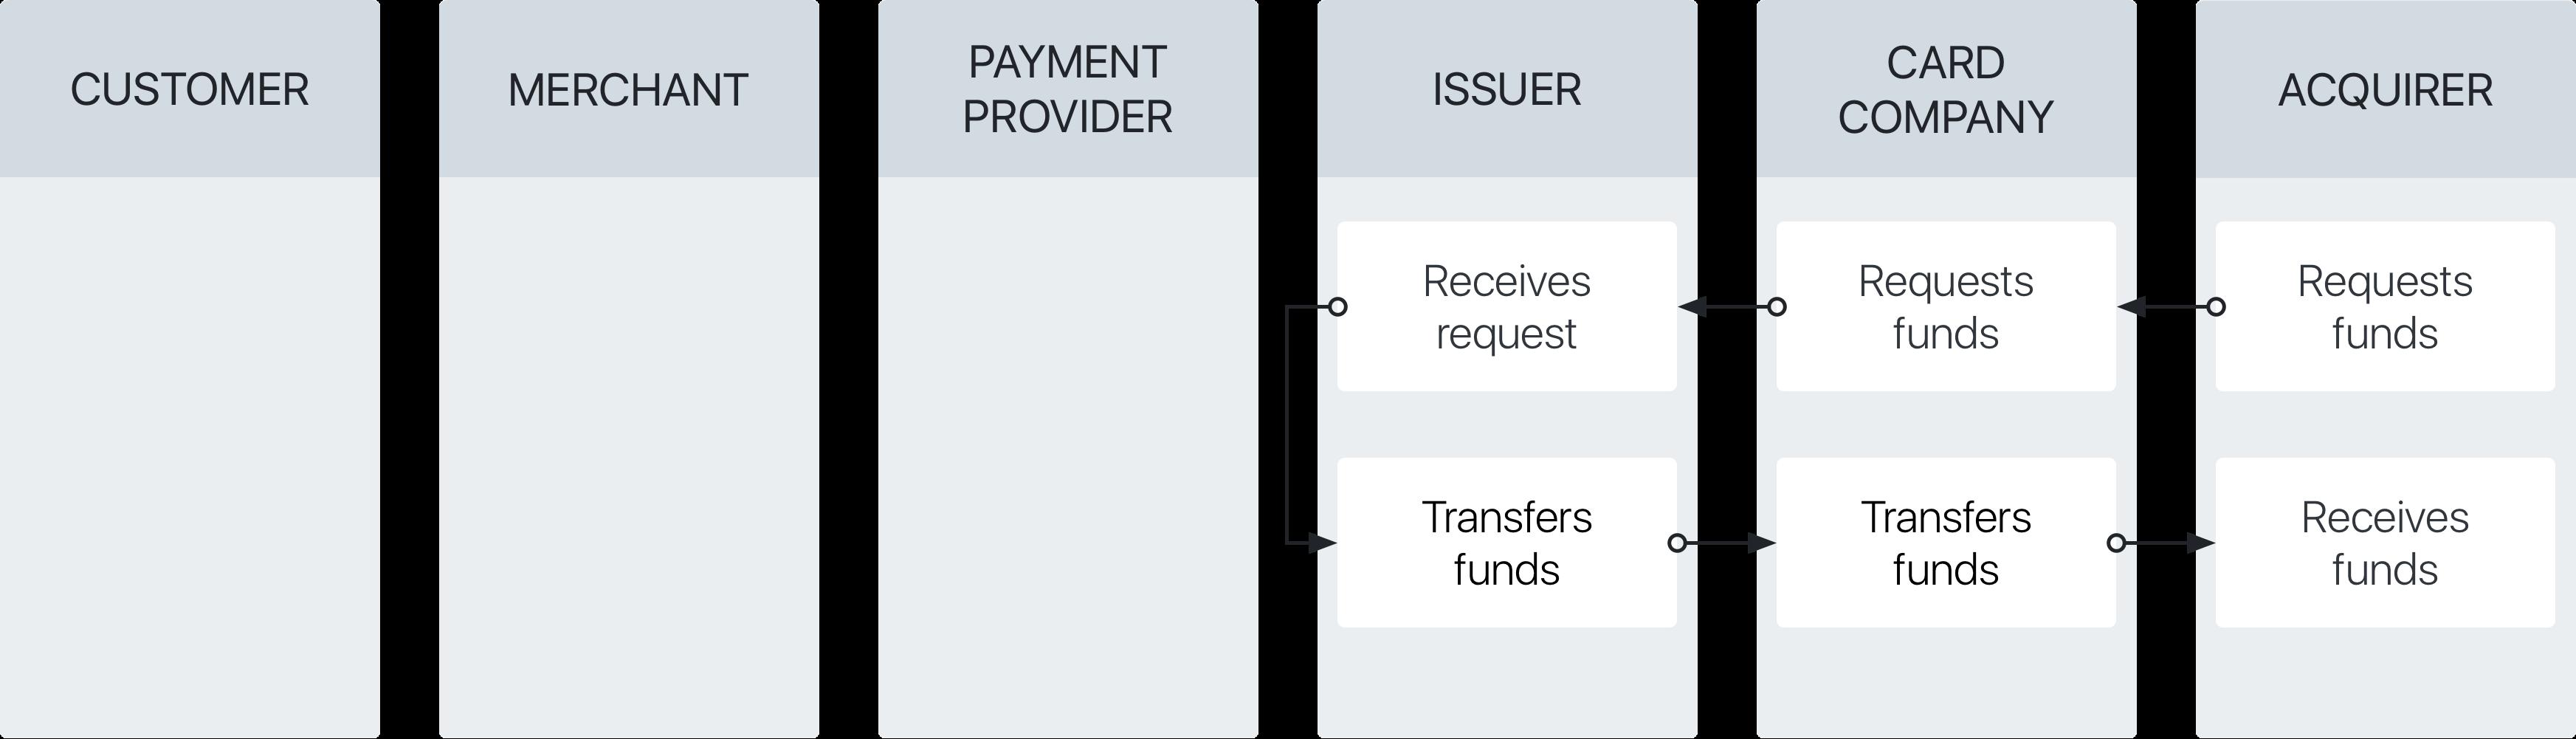 ขั้นตอนการจัดการของการชำระเงินผ่านบัตรเครดิต